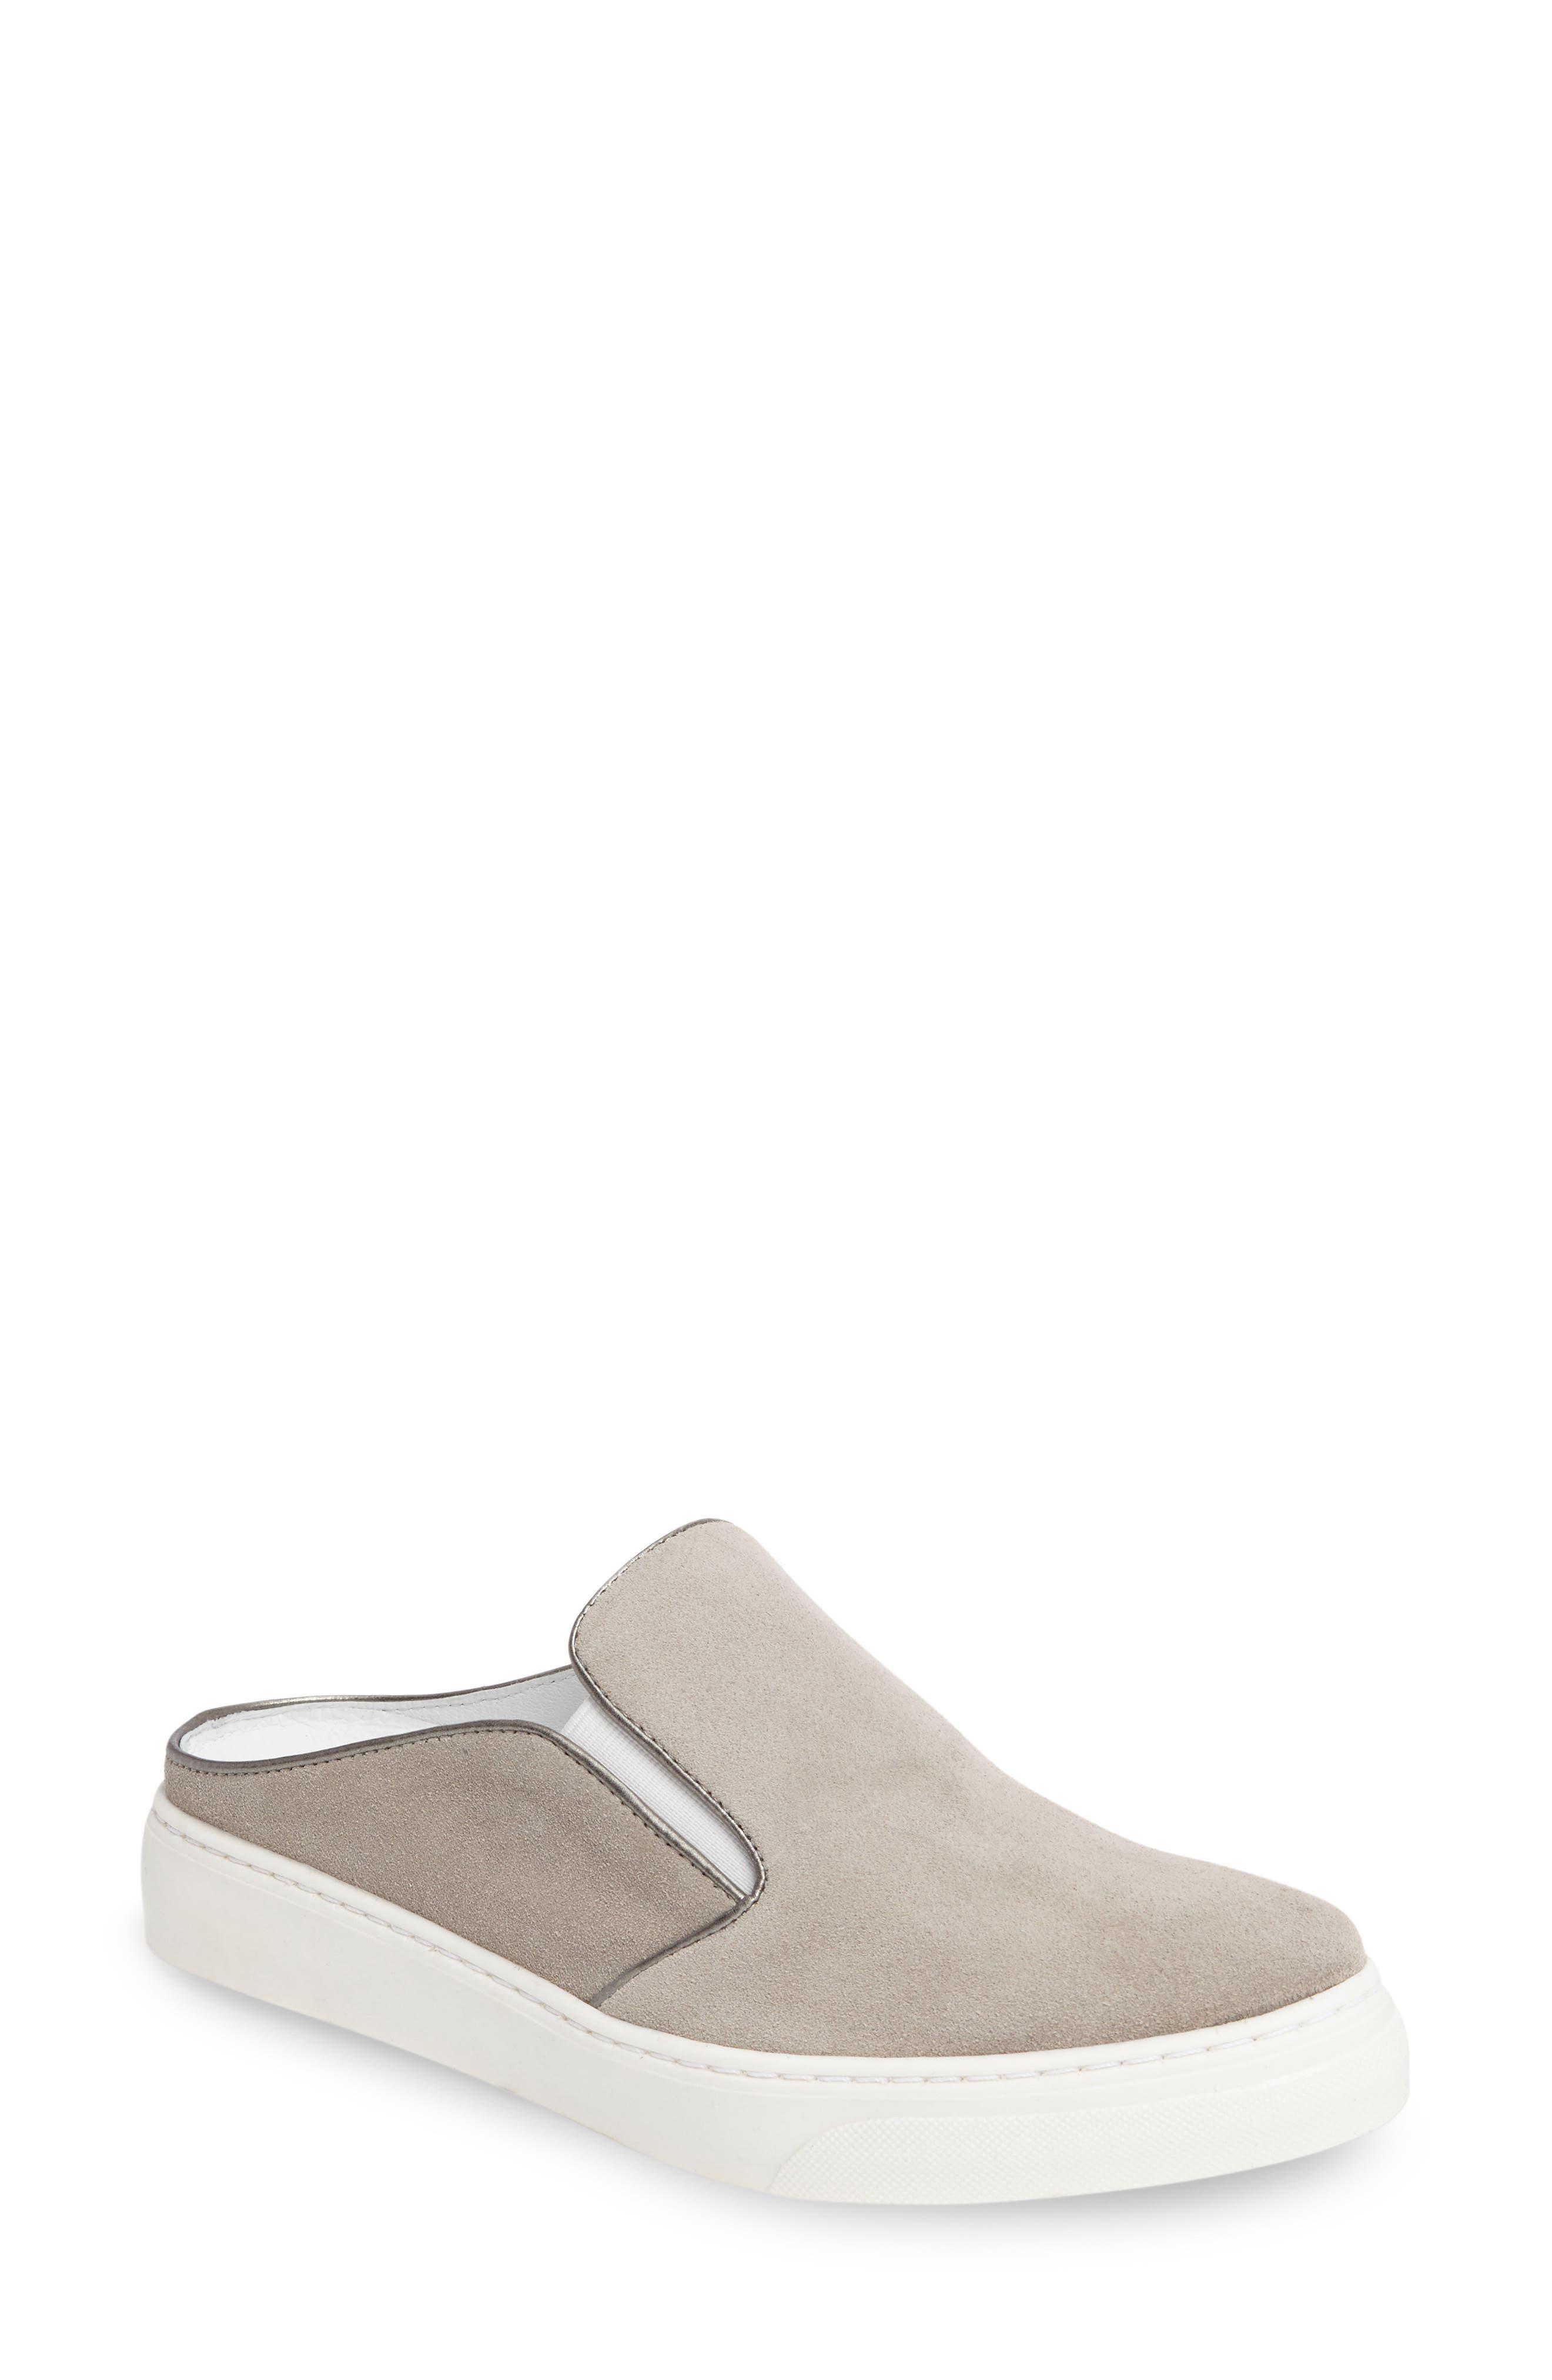 Rudsak Balbina Slide Sneaker (Women)